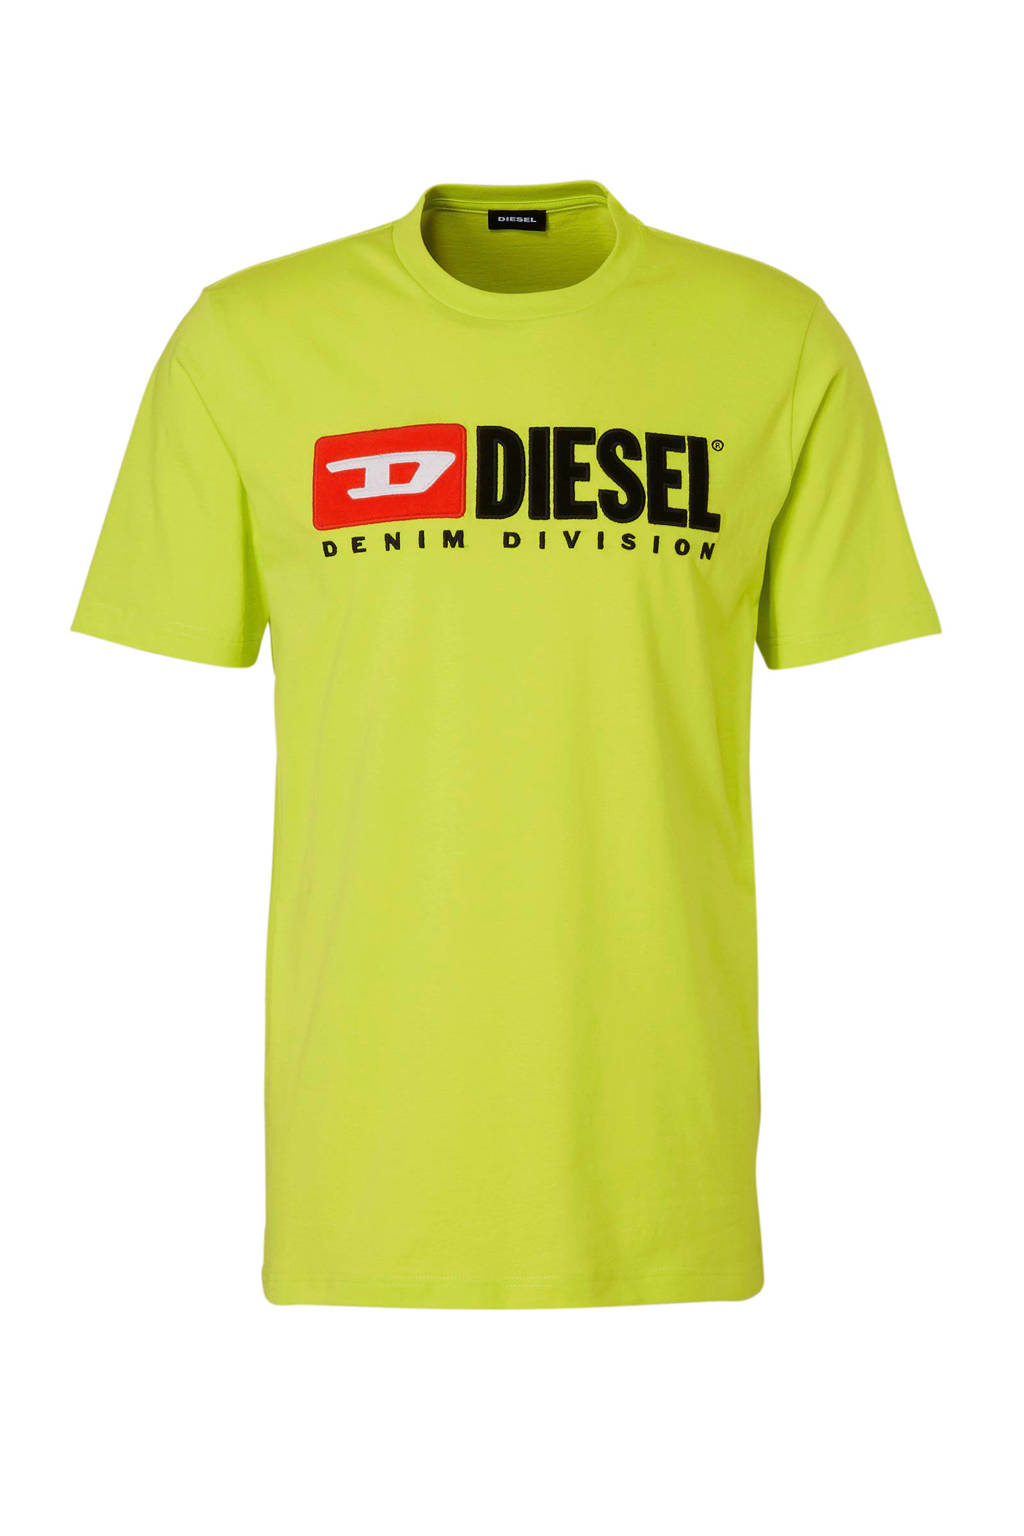 Diesel T-shirt met logo, Limegroen